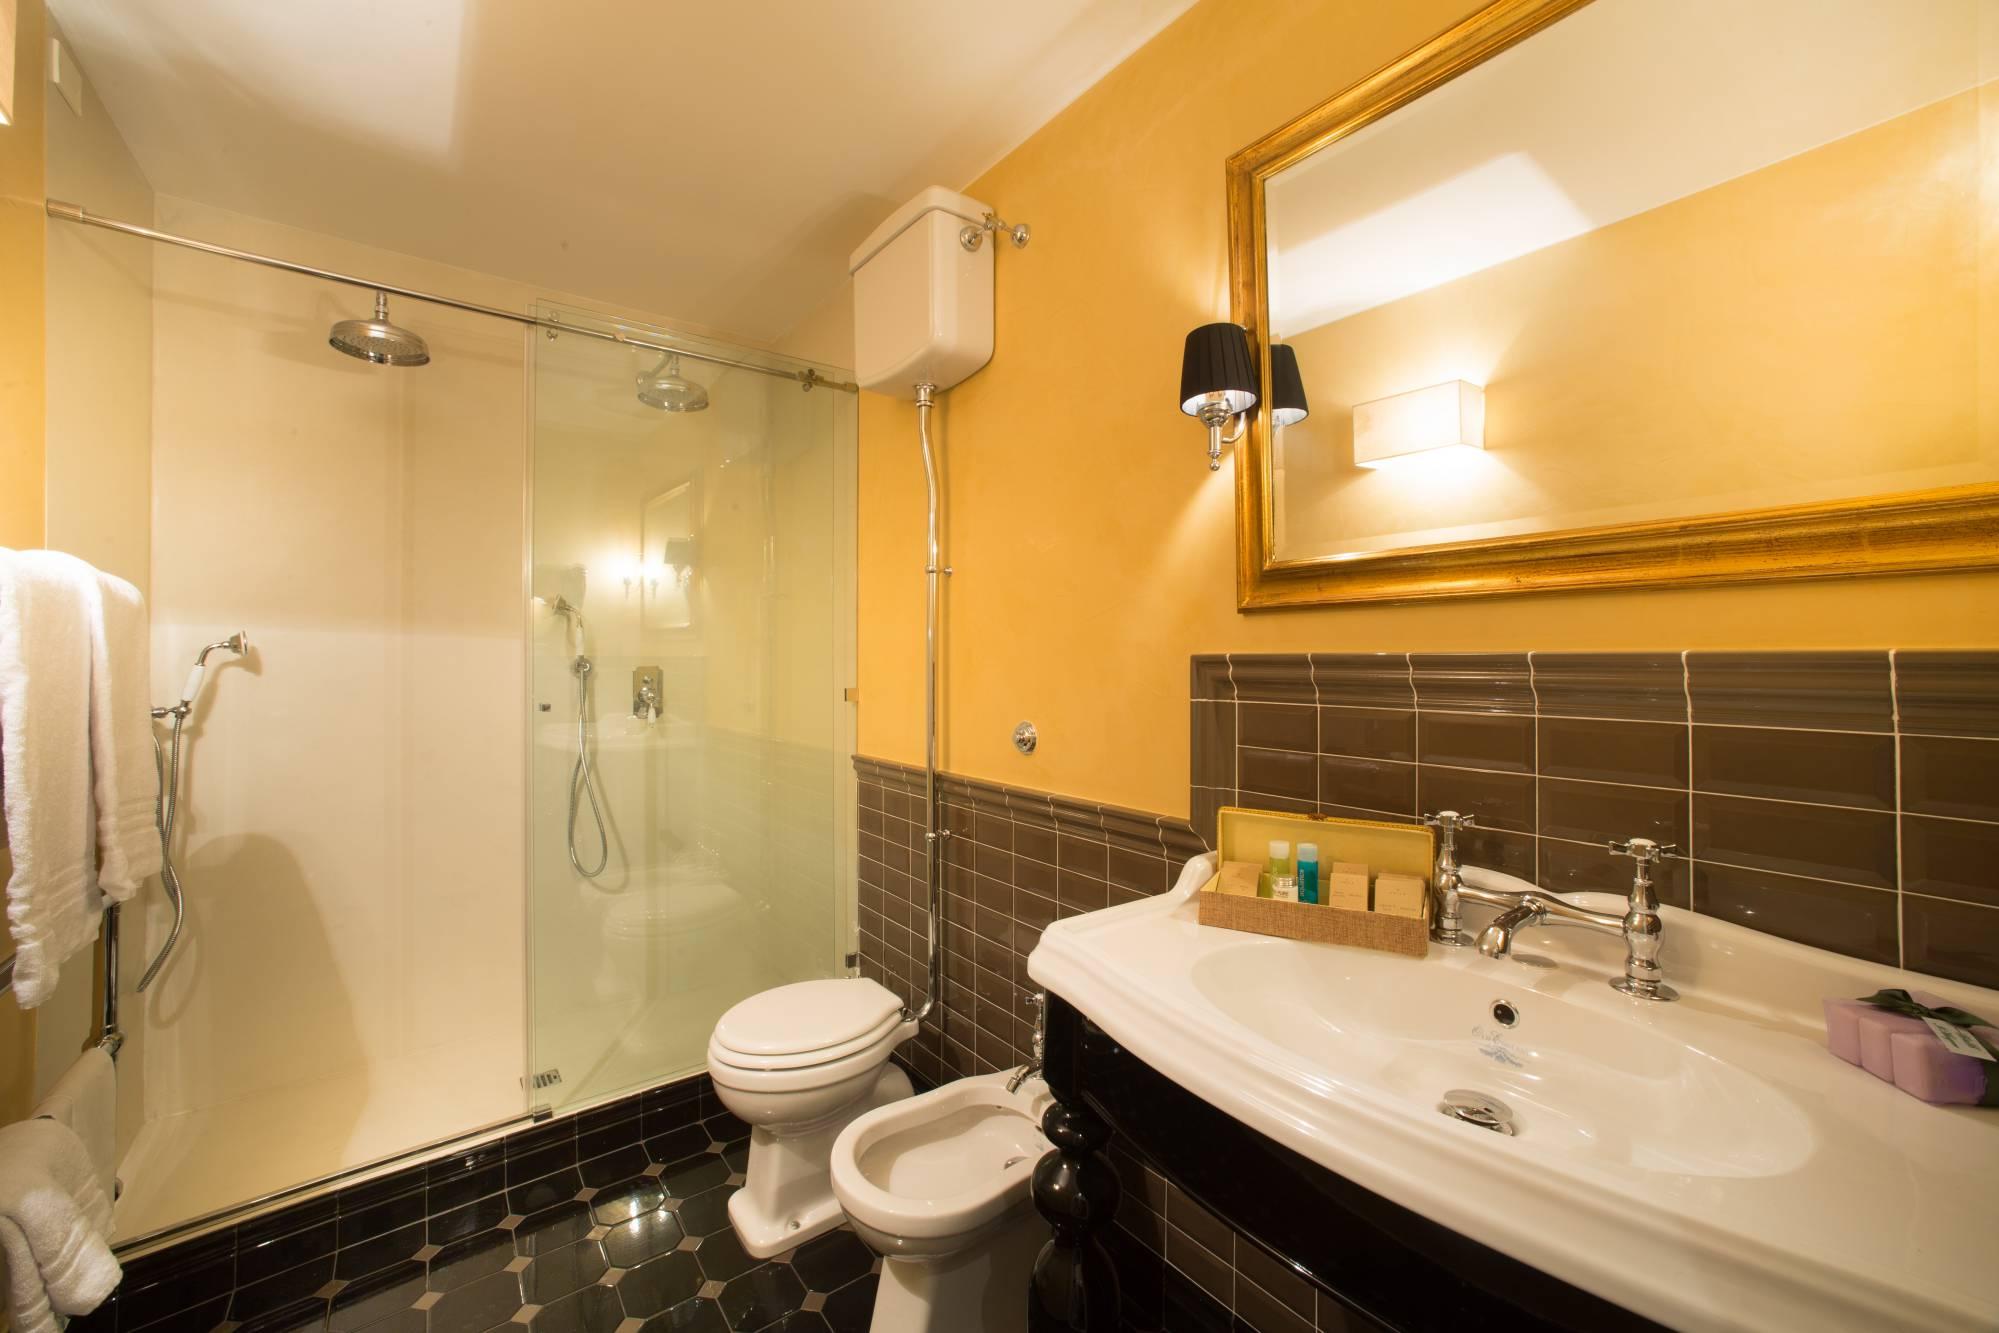 Bed and Breakfast Centro Storico Firenze   Camere con Wi-Fi gratuito ...